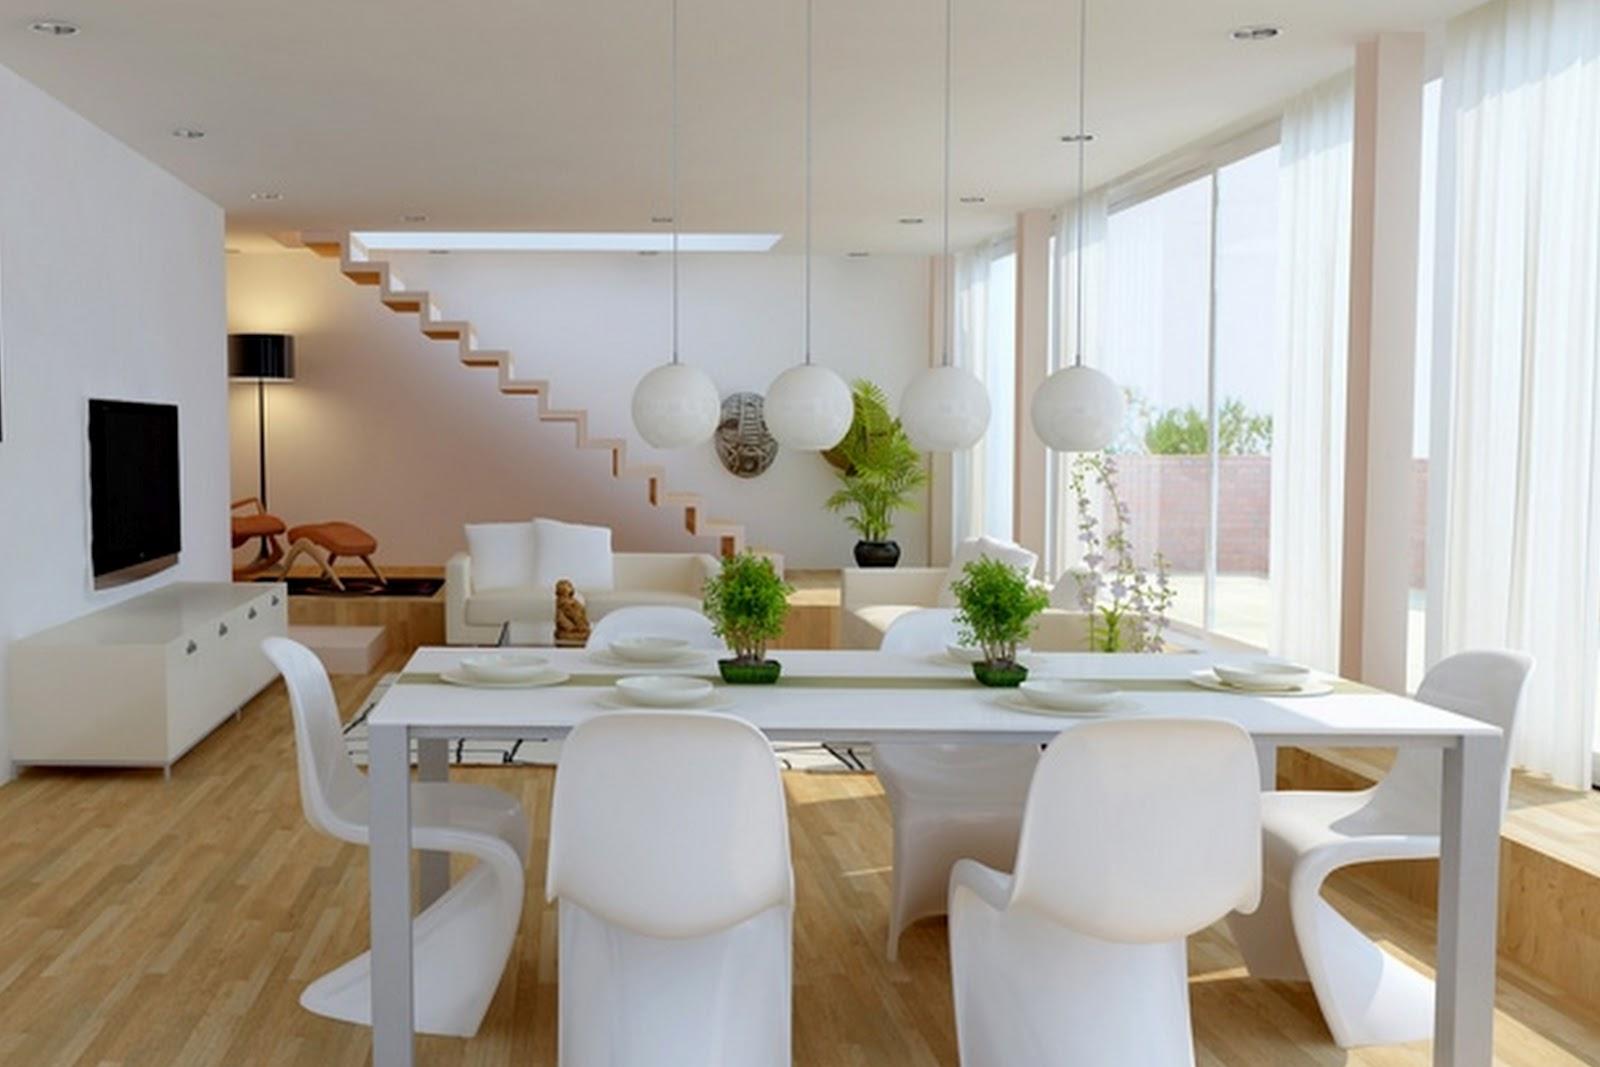 Sala Pequena Com Dois Ambientes Gira Nesse Contexto Da Decorao  -> Sala De Estar Pequena Dois Ambientes